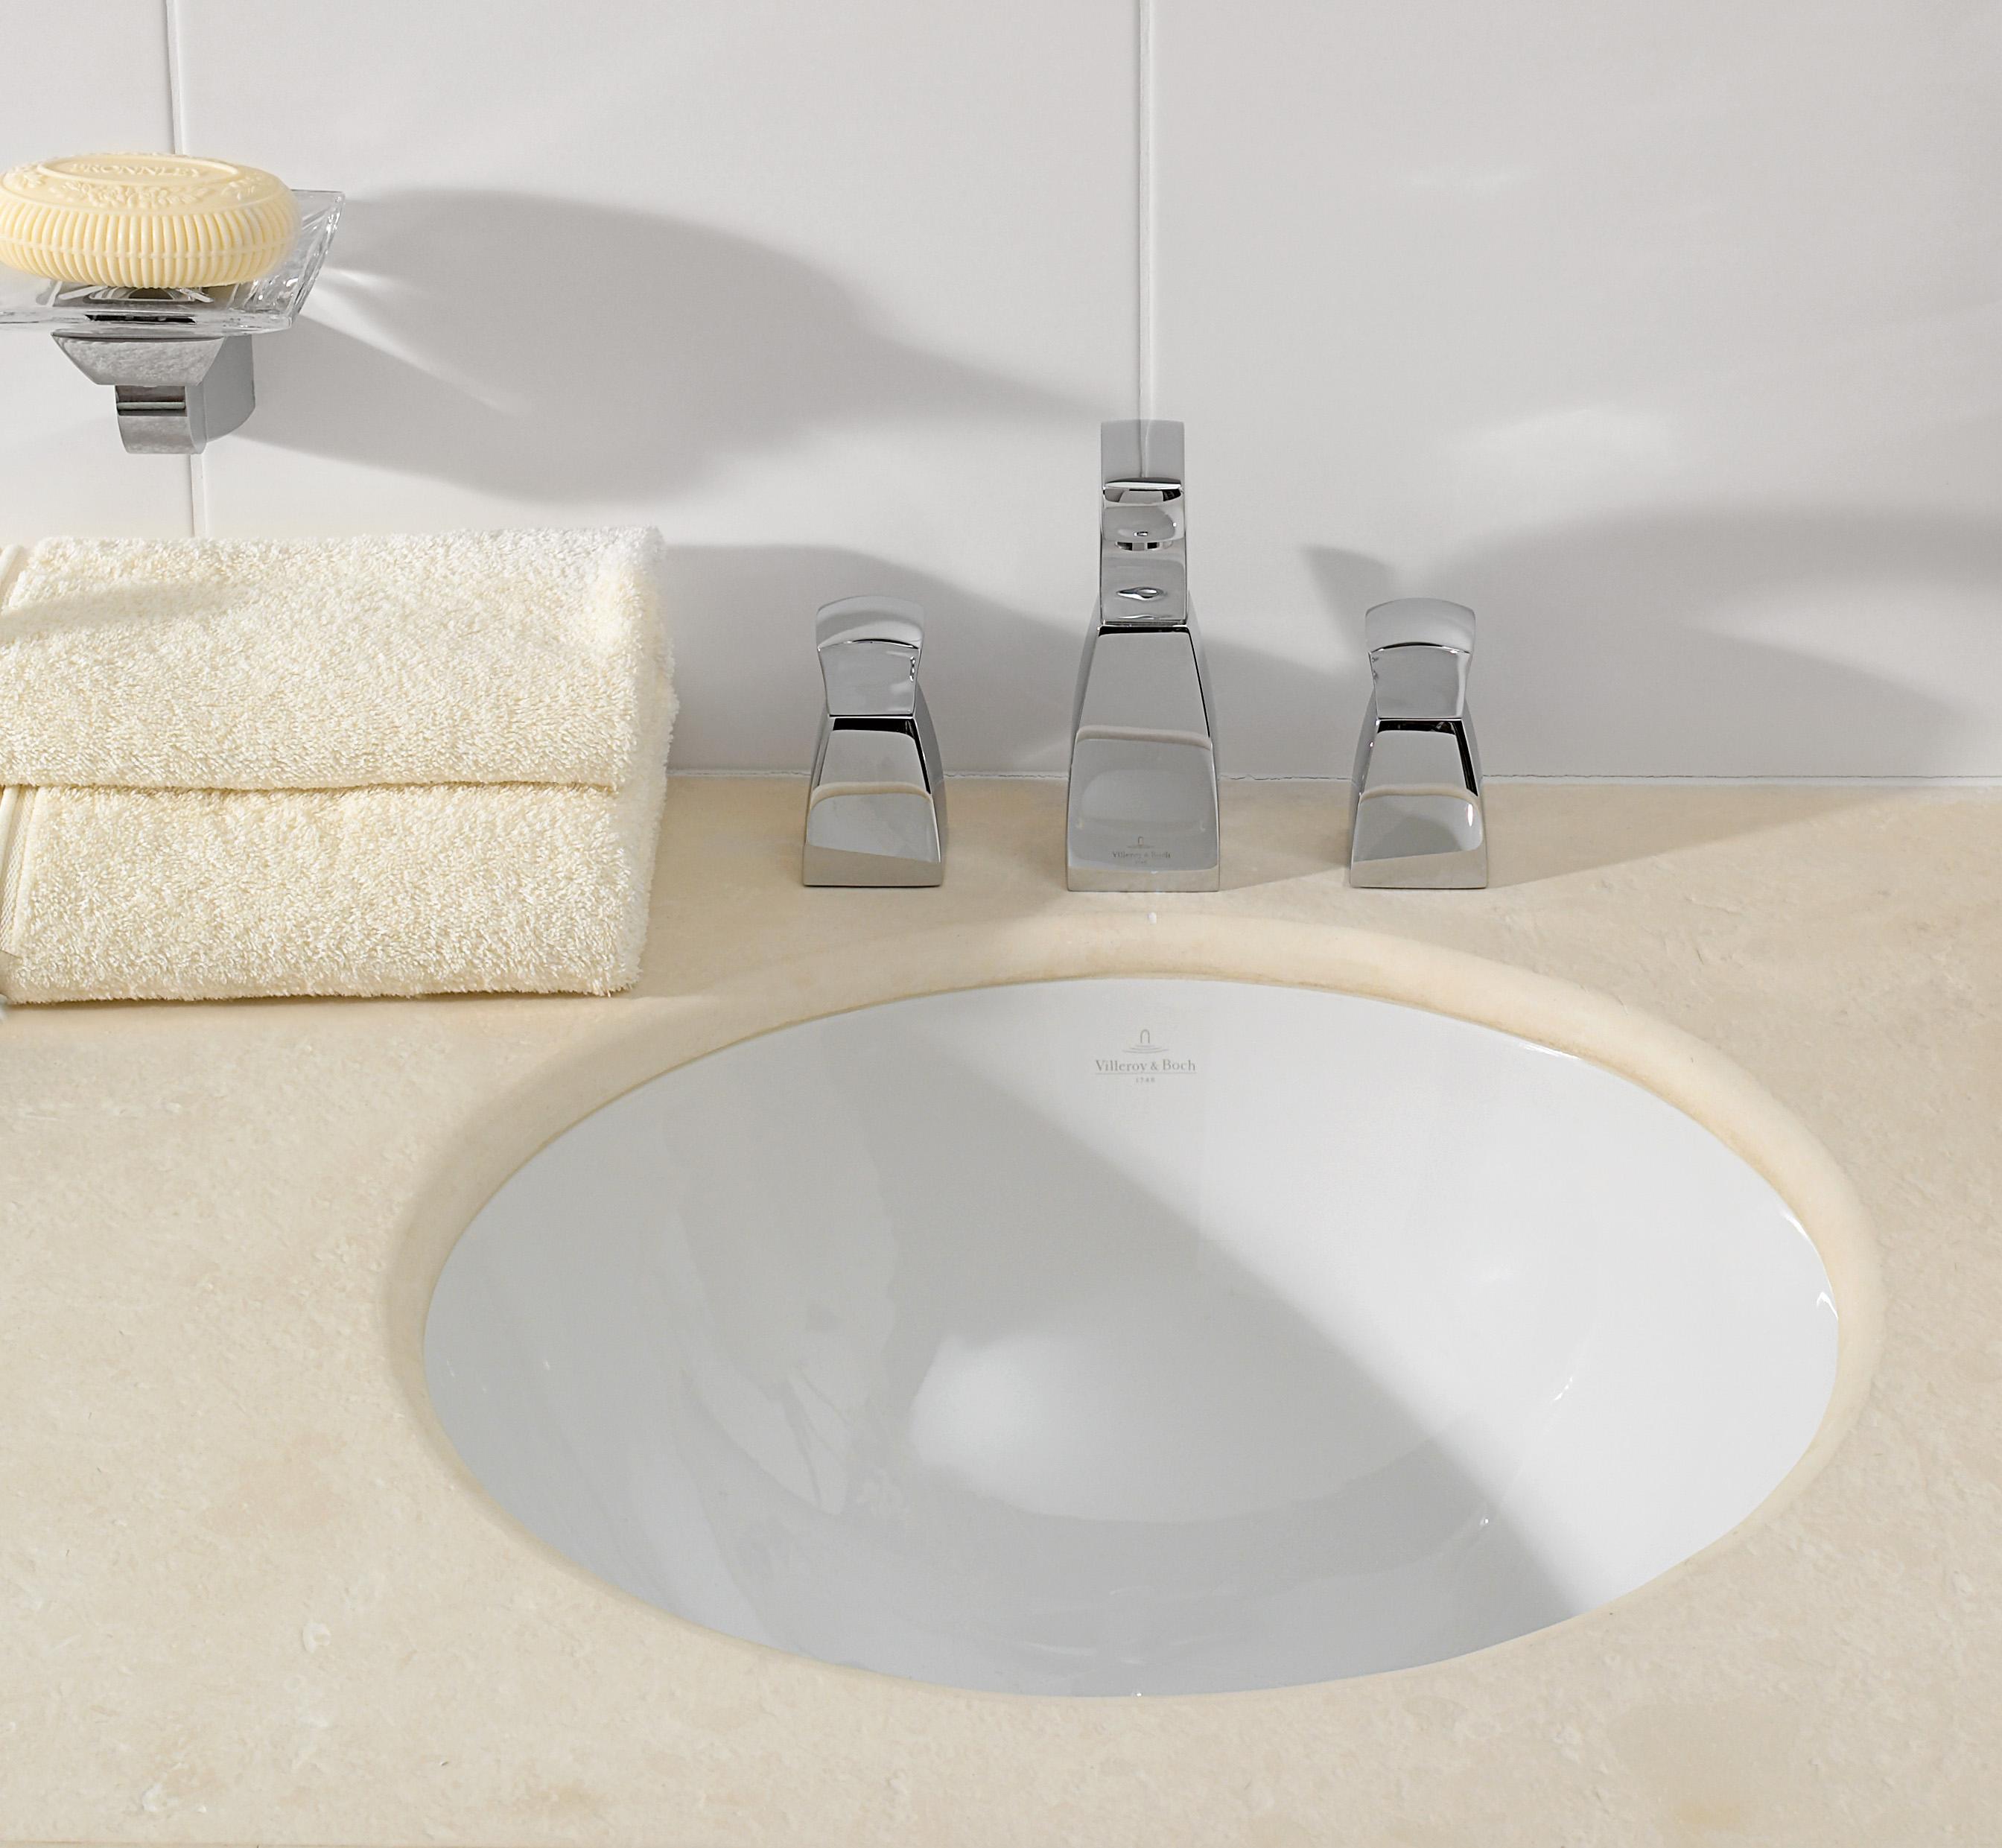 Loop & Friends Waschtisch, Waschtisch Unterbau, Waschtische / Waschbecken, Unterbauwaschtische